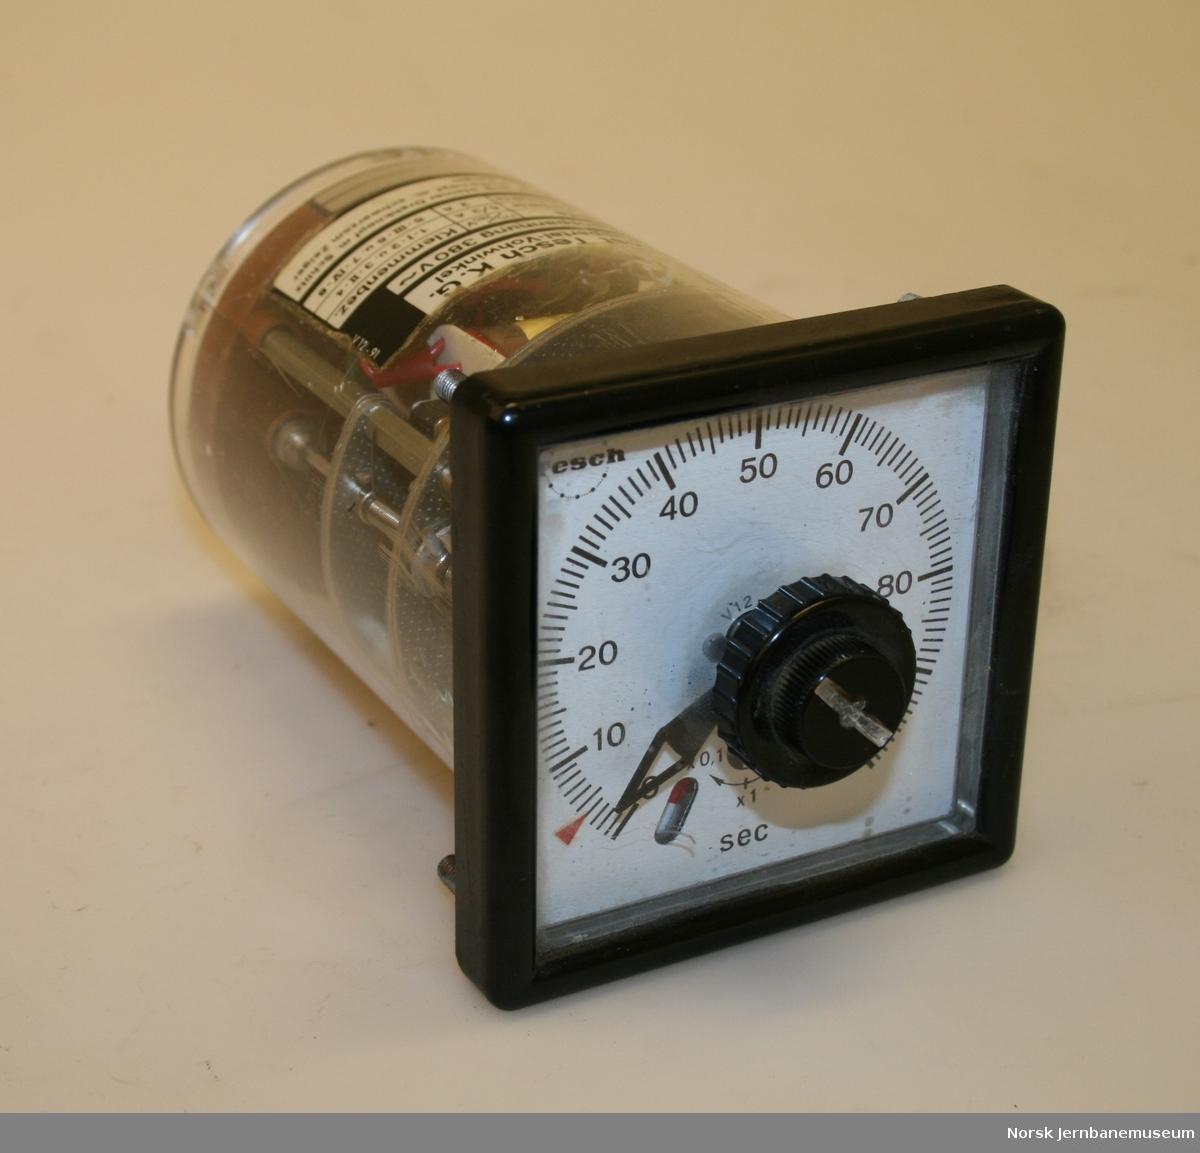 Mekanisk tidsrelè. Stillbar skala fra 0 -100 sekunder, med velger for skala x 0,1, x 1 og x 10.